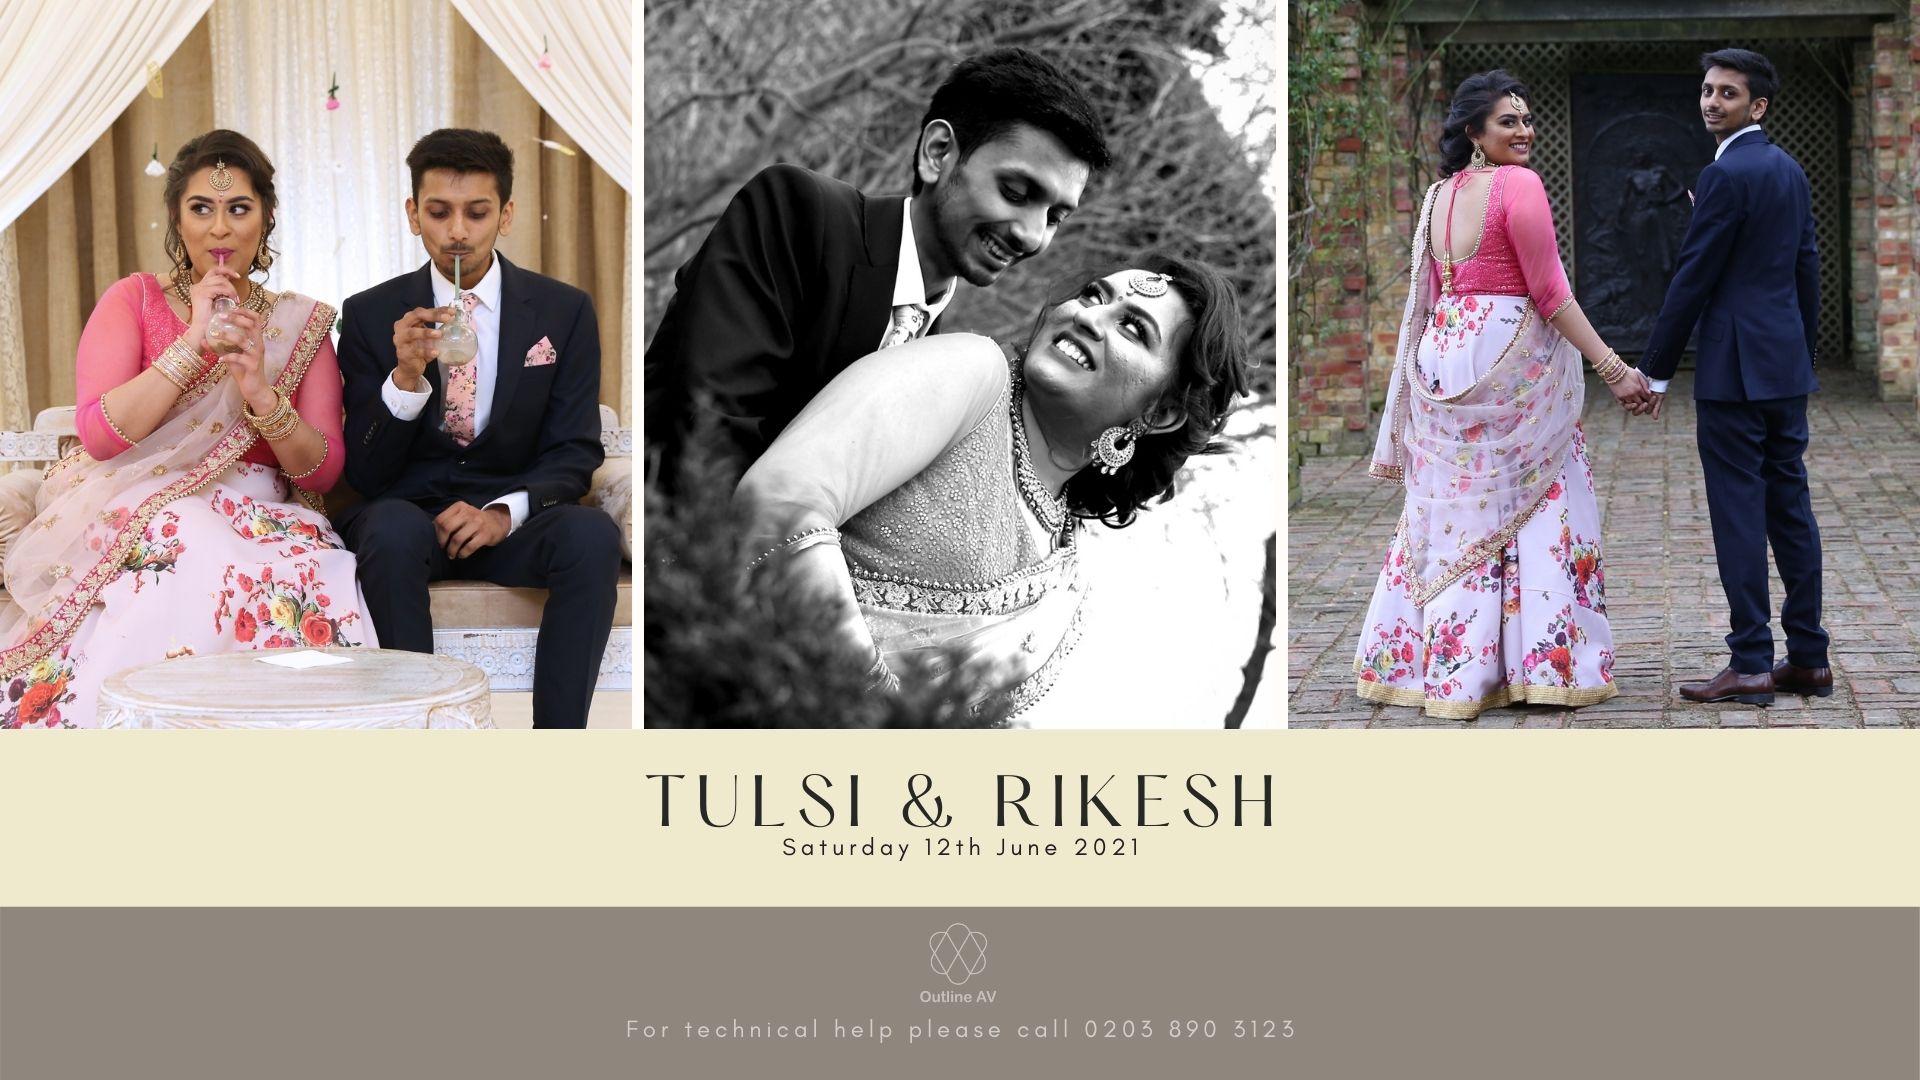 Tulsi & Rikesh - Live Stream